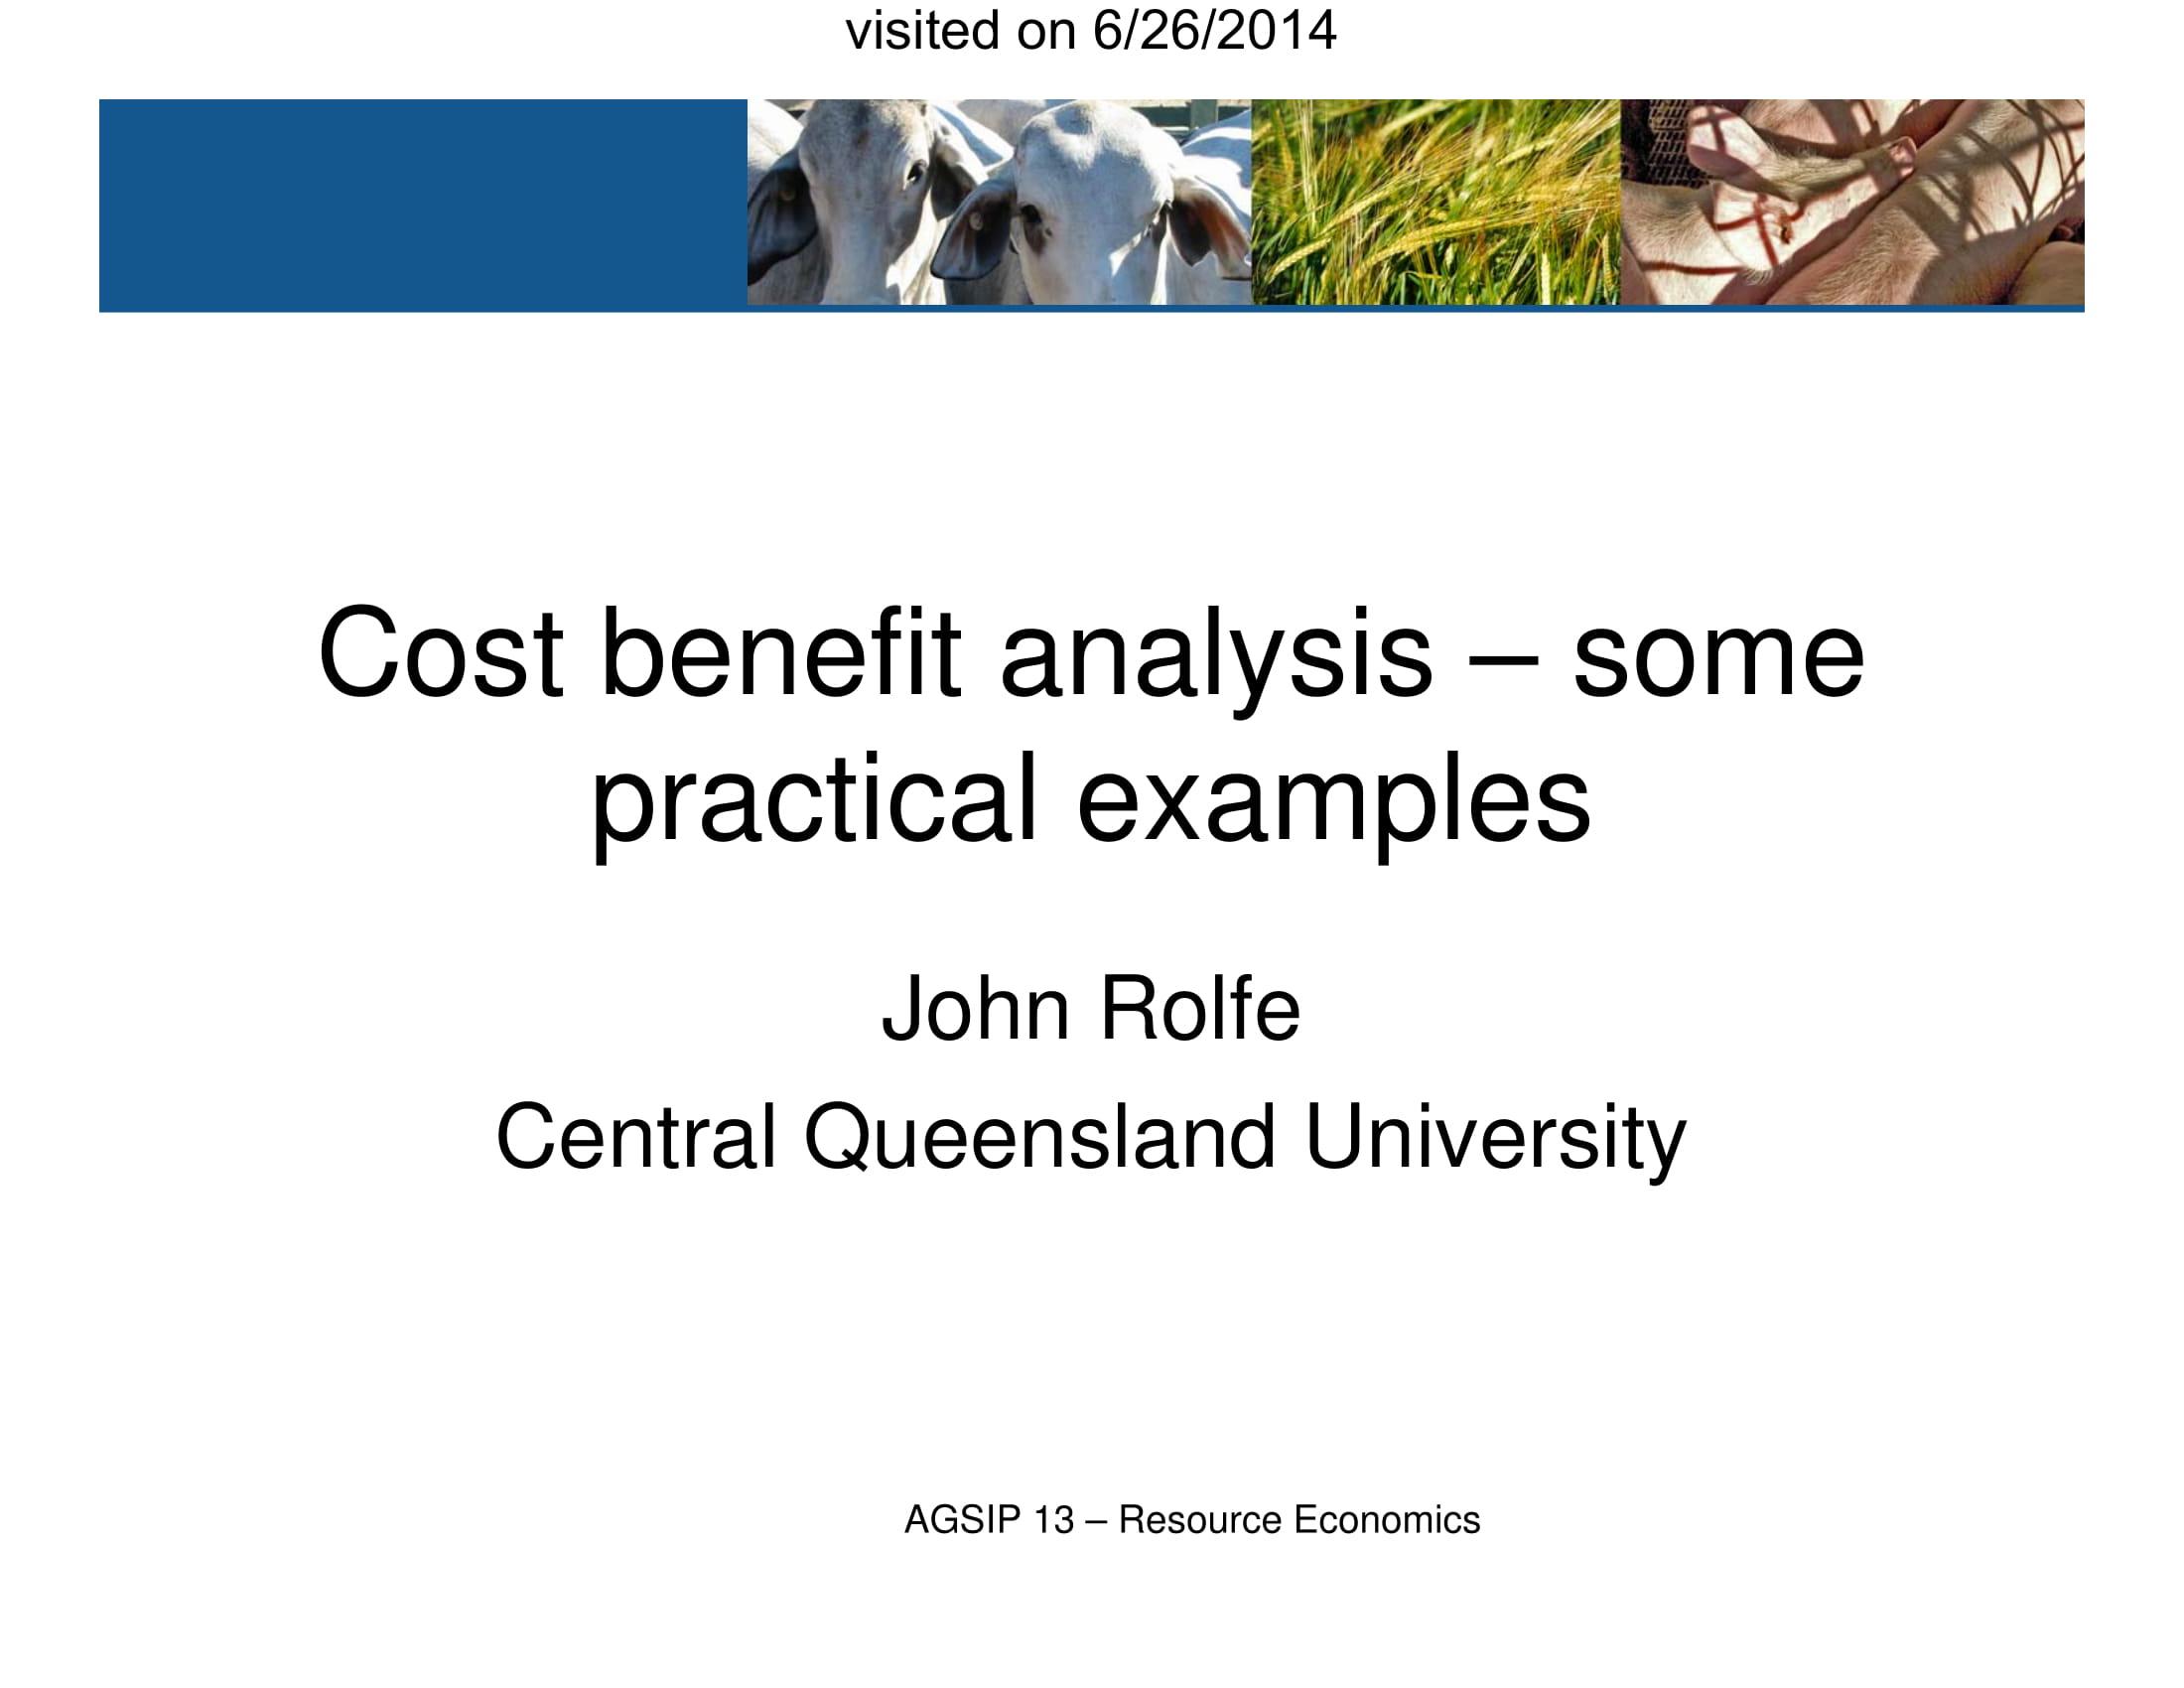 resource economics cost analysis example